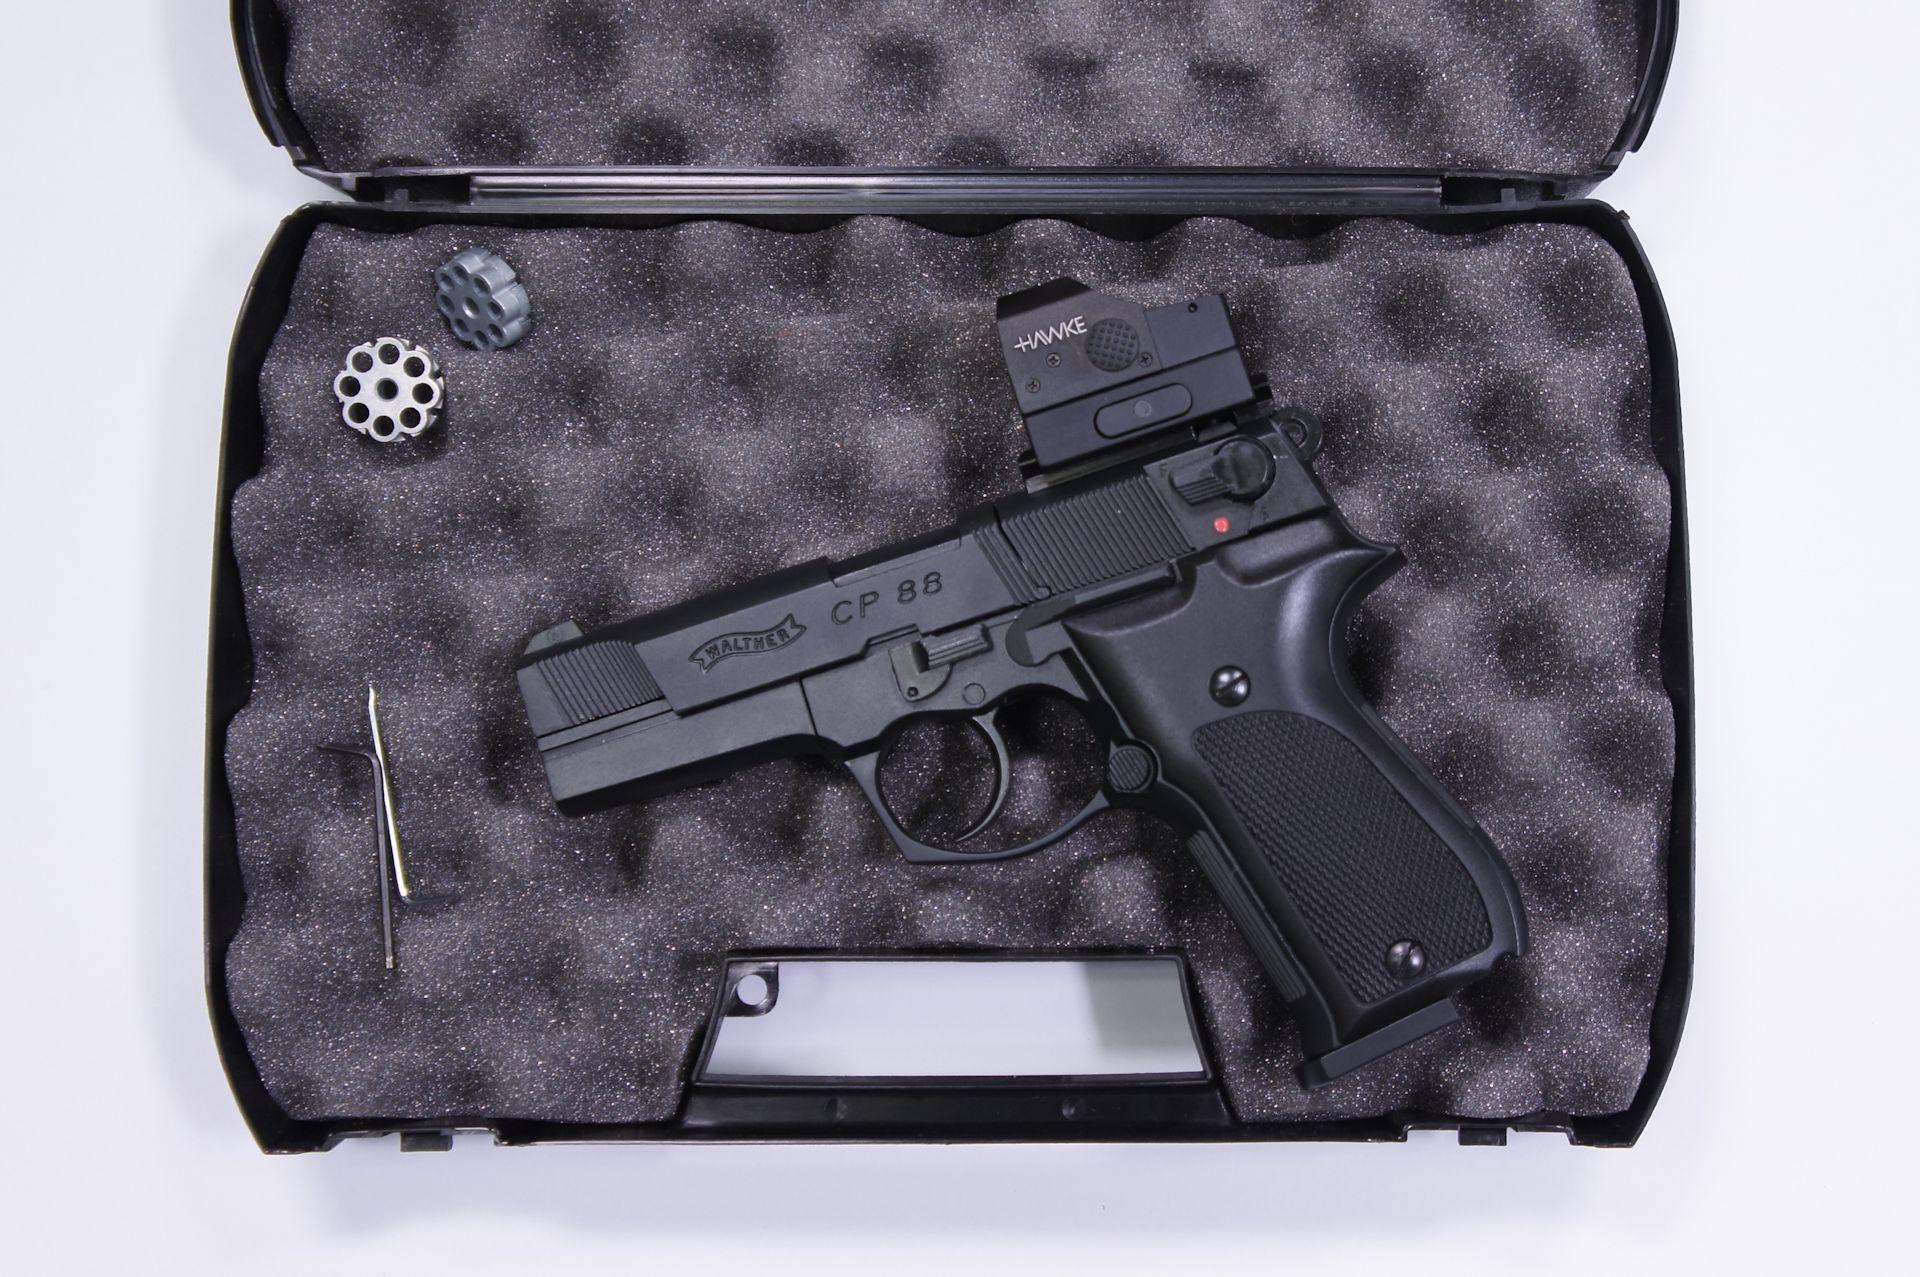 Montagebeispiel: Wer sich für eines der kleineren Viere entscheidet, kann seinen Koffer weiterhin nutzen und die Pistole passt mit aufgebautem Visier hinein